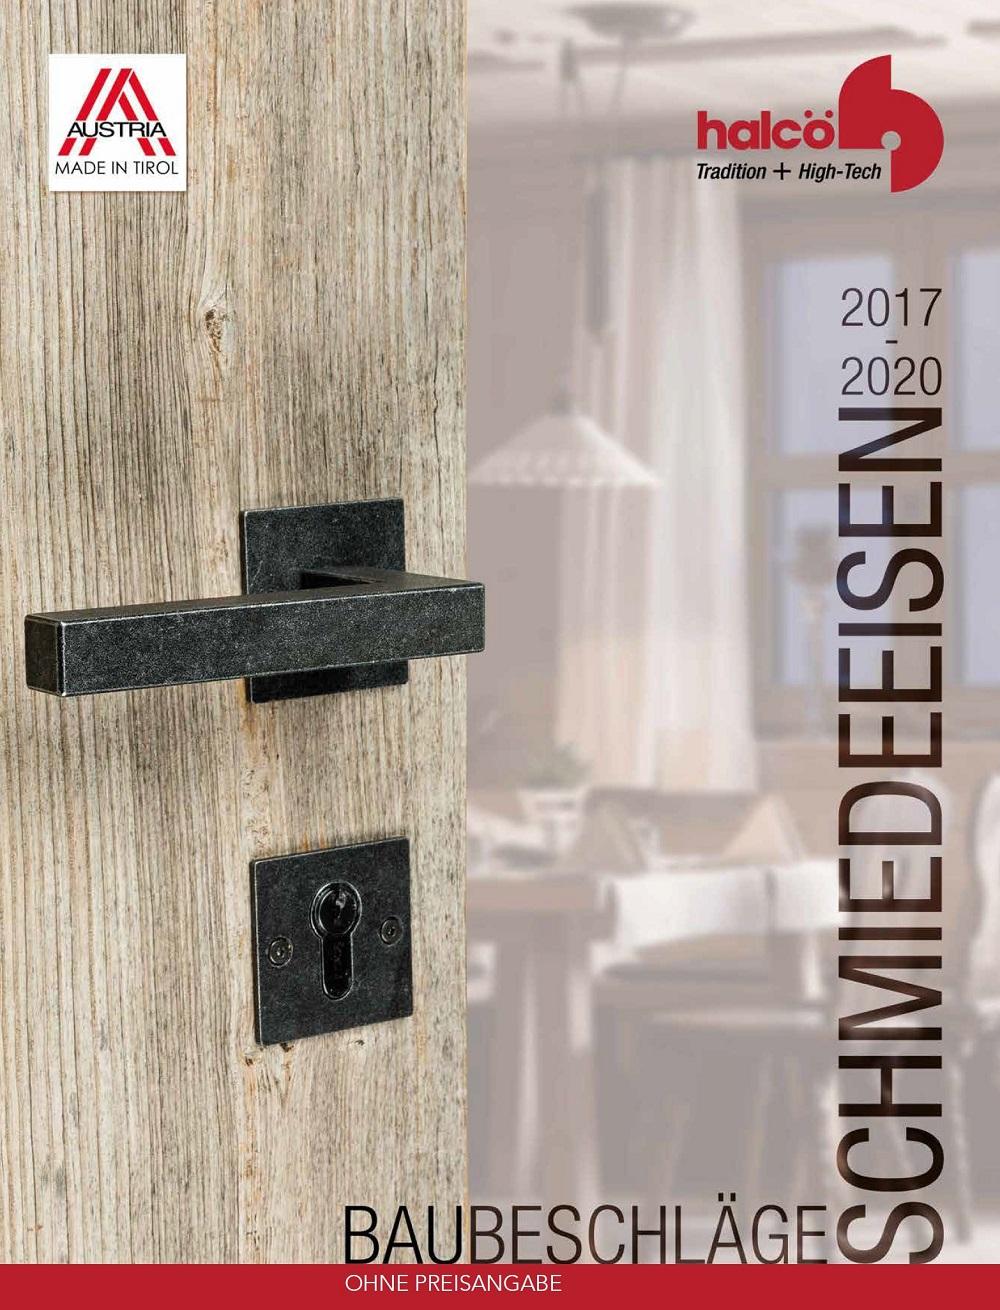 catalogus-traditioneel-smeedijzer-bouwbeslag-halco-salesinstyle-doorhandleshop.nl